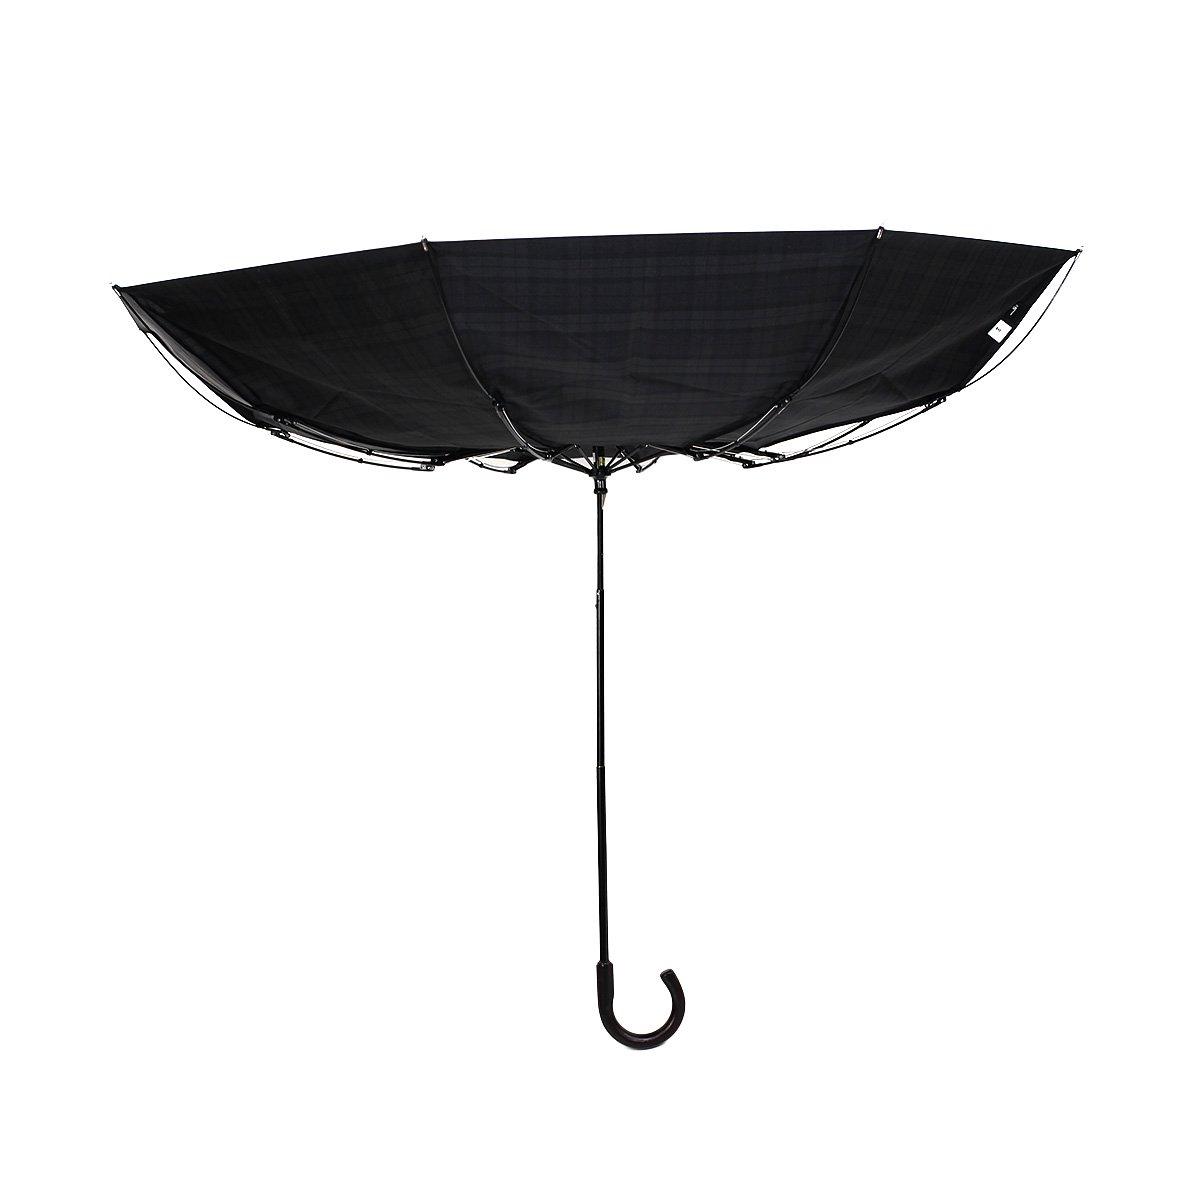 【数量限定】タータンチェック 耐風骨 折り畳み傘 詳細画像9